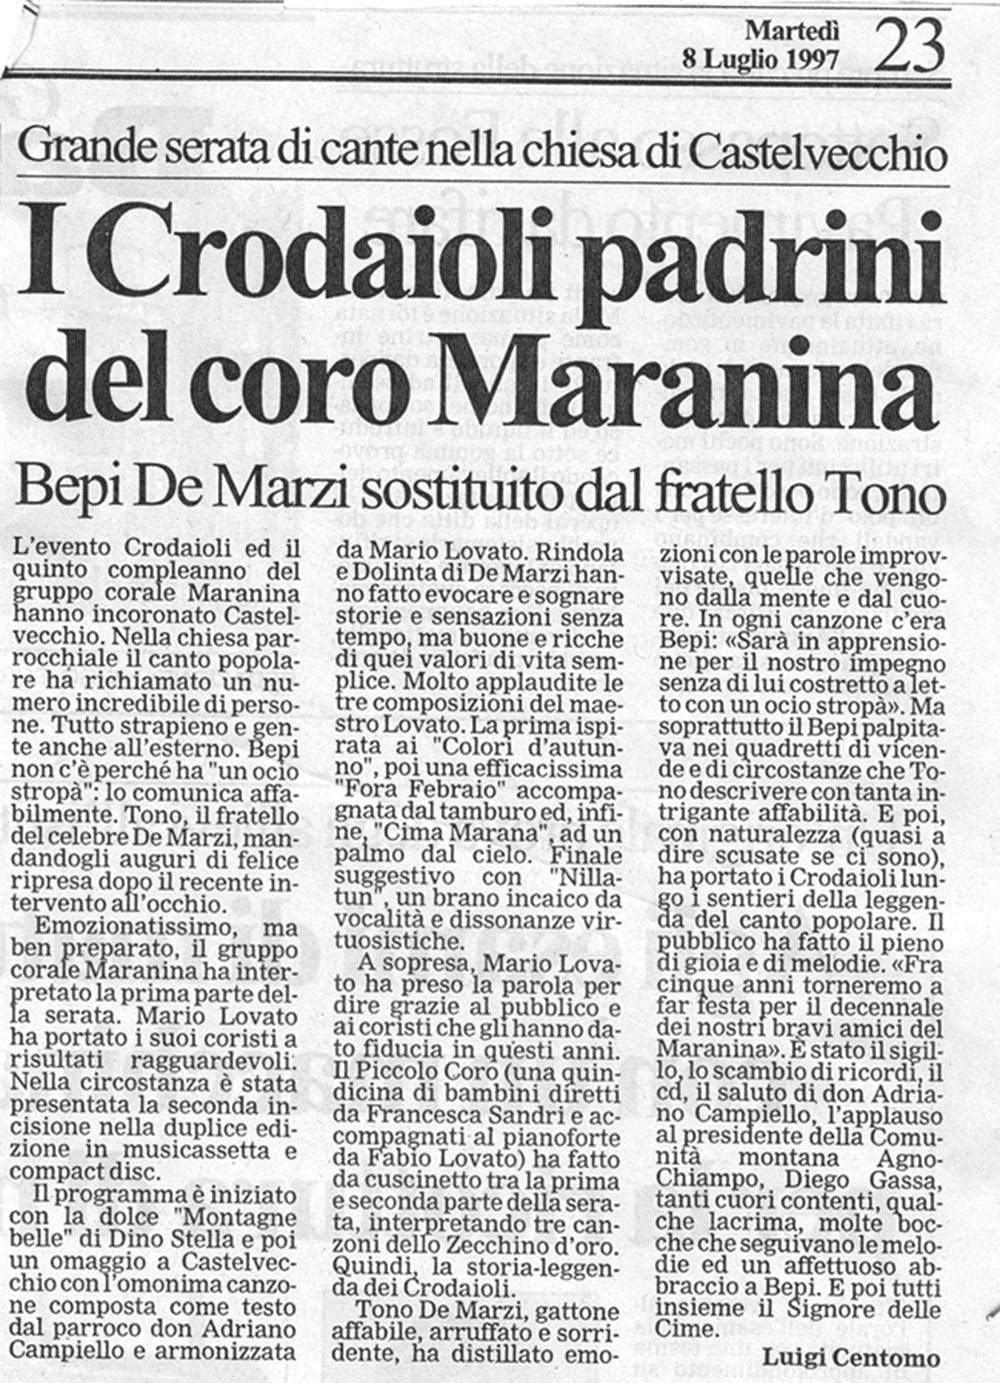 8 luglio 2007 stampa gruppo corale maranina